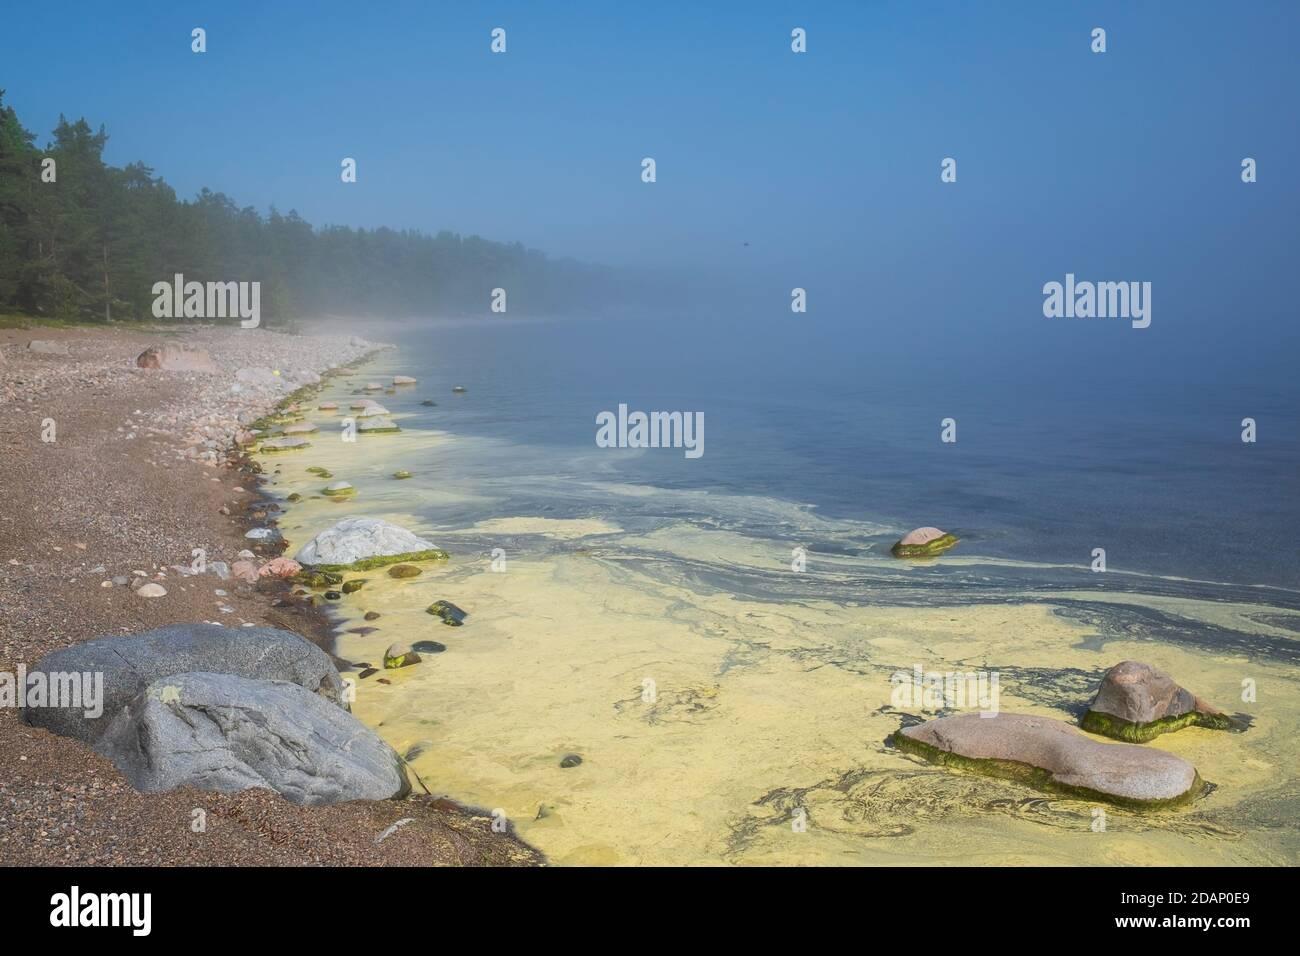 Les algues fleurissent le long du rivage d'un étang. Banque D'Images